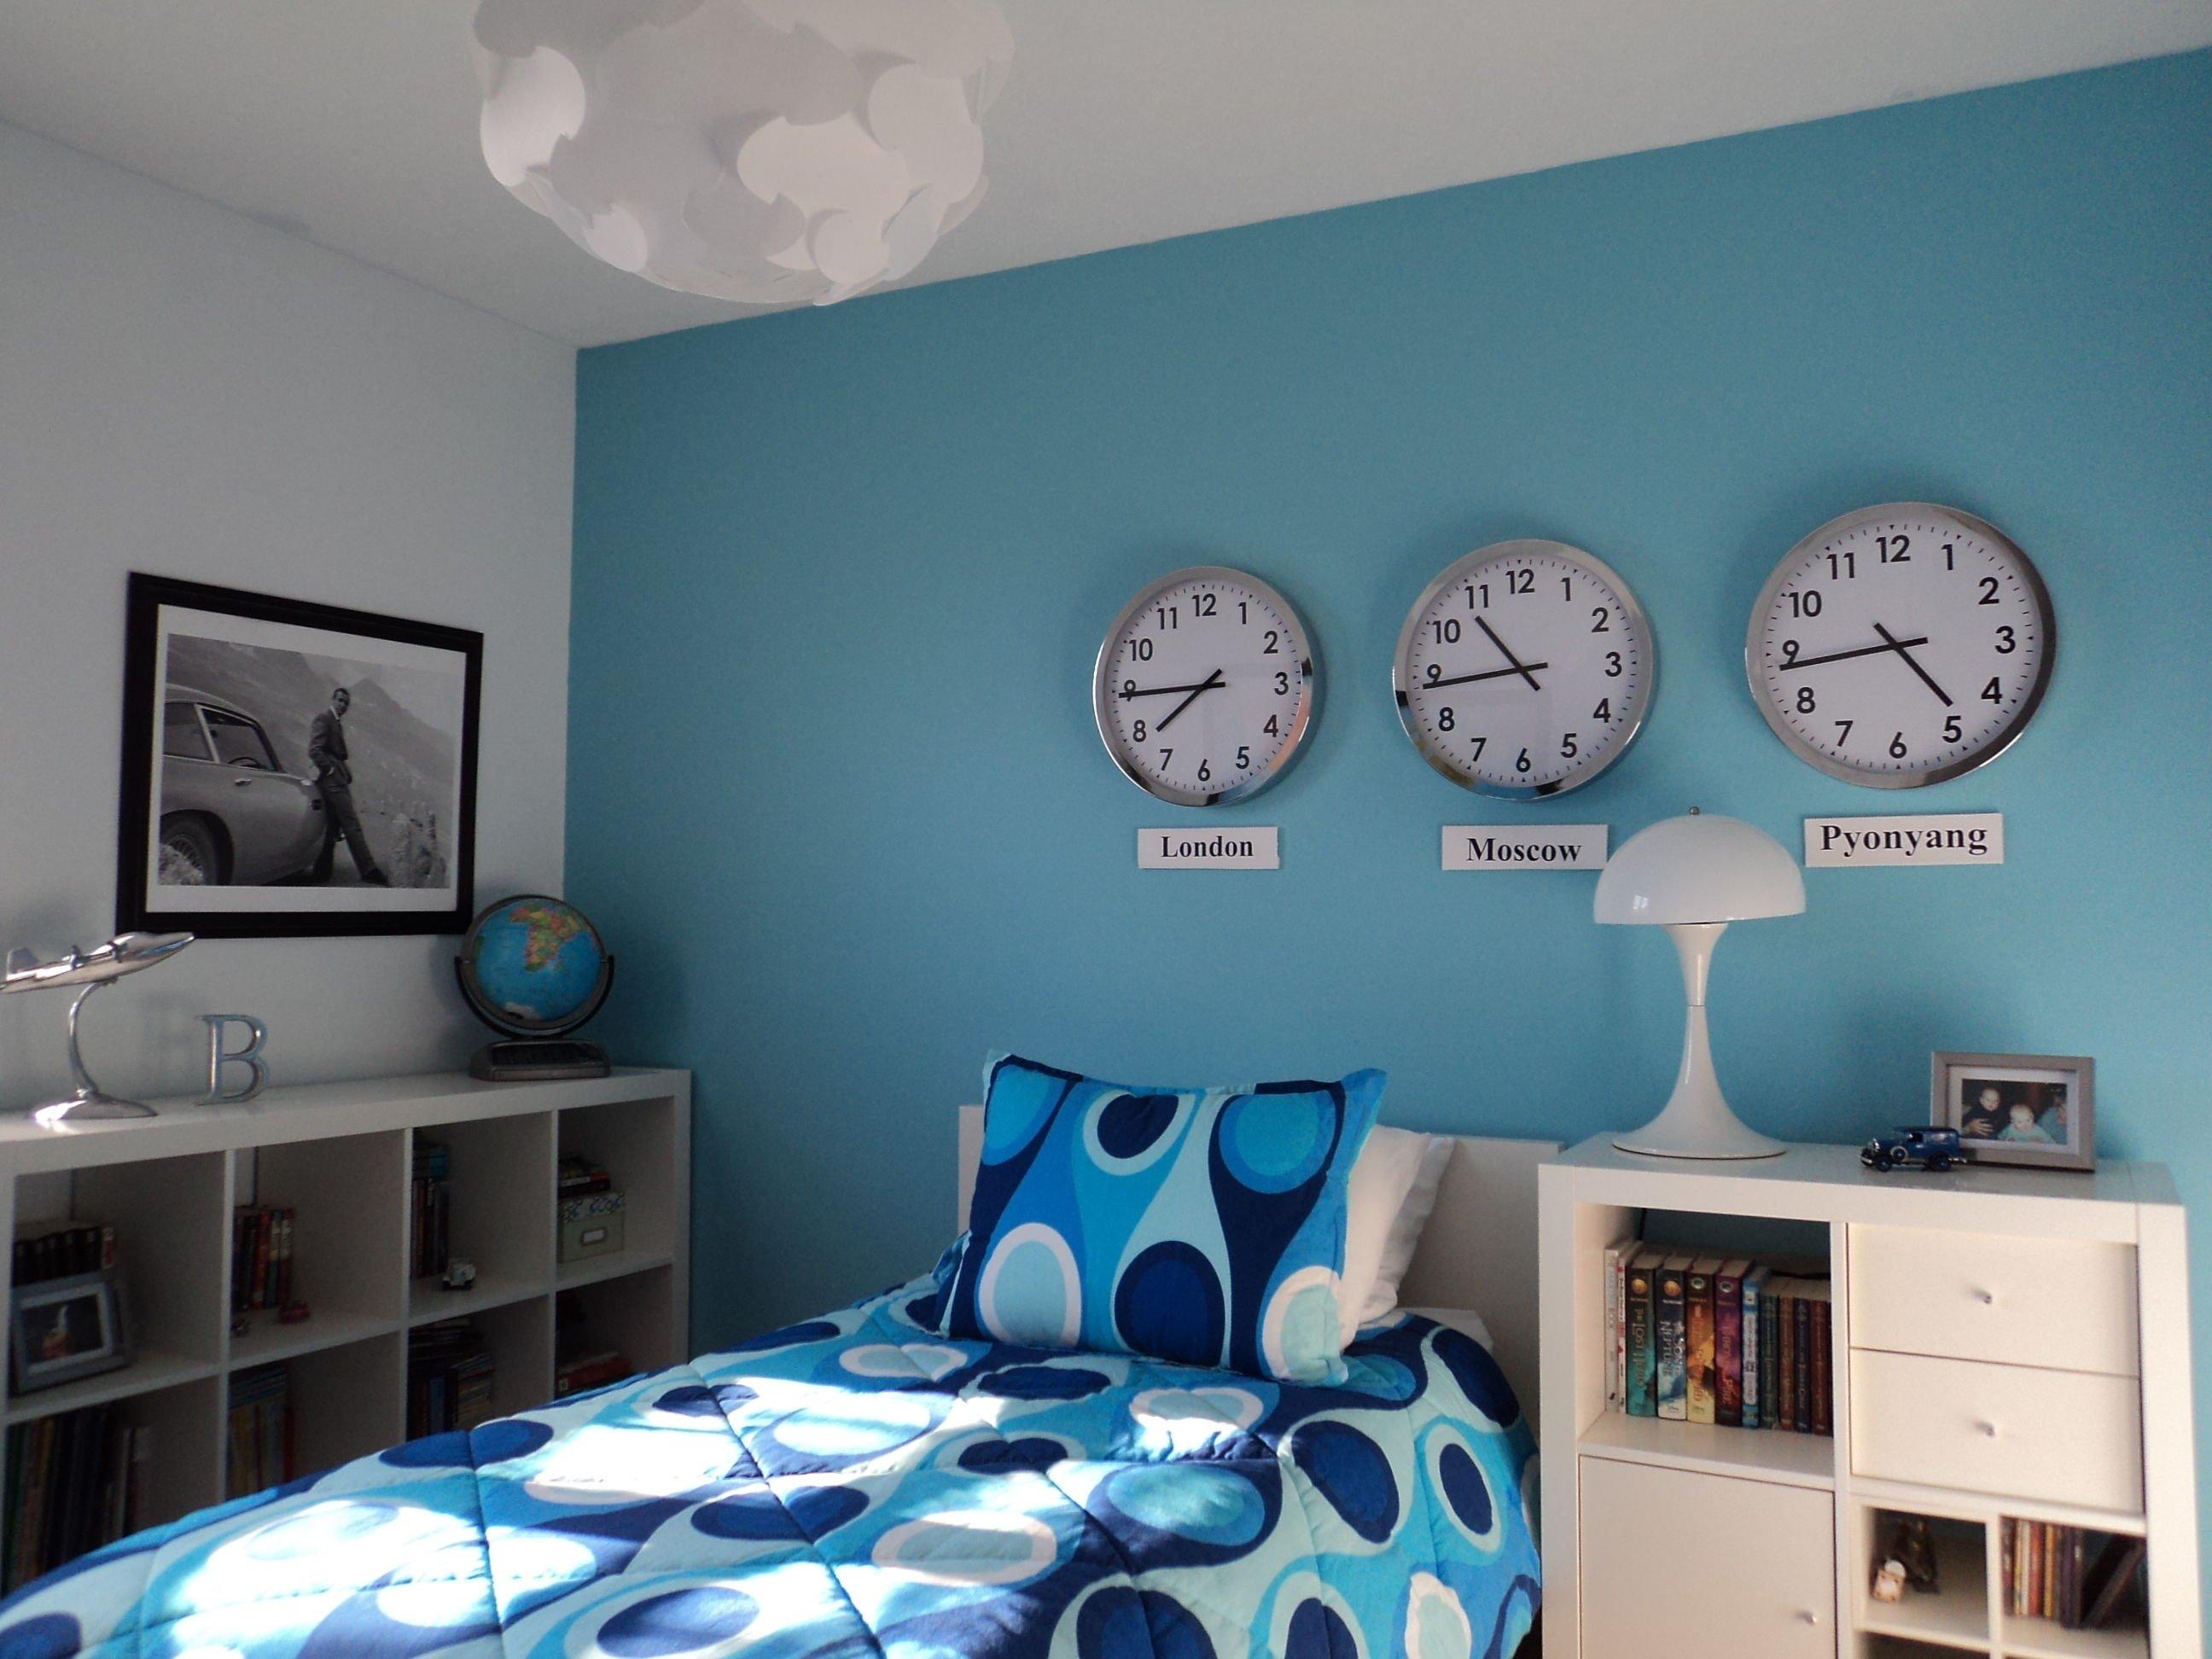 10 Pretty 10 Year Old Bedroom Ideas simple boy bedroom ideas homeoofficee 2020